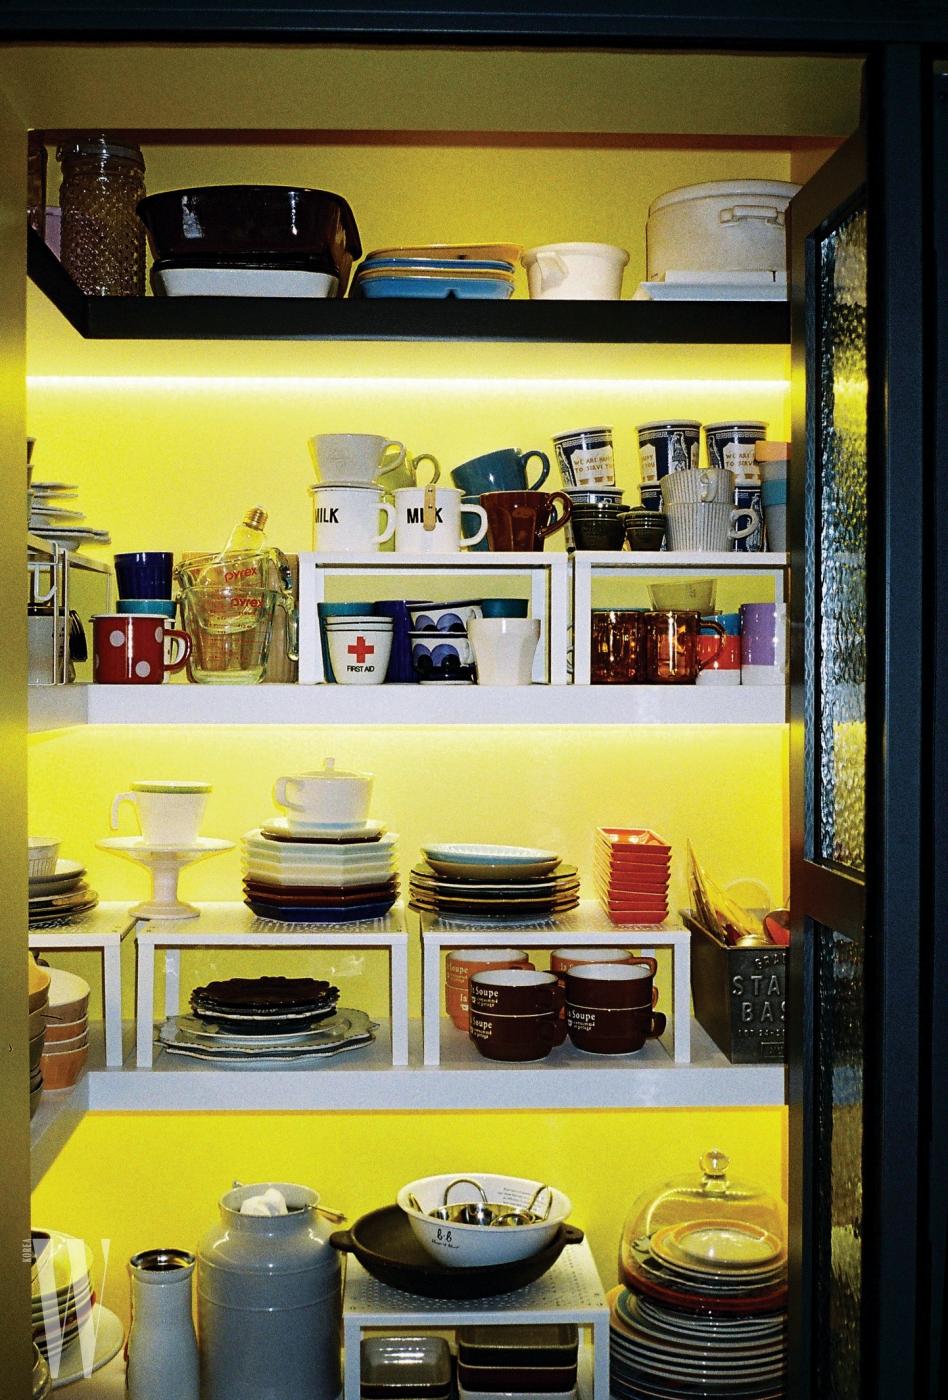 빈티지 숍을 방불케 하는 2층 공간. 본래 쓰던 주방 식재료가 적혀 있는 빈티지 찬장 속에는 수년 동안 모아온 아기자기한 컵과 스푼, 포르나세티 커피잔 등이 있다.